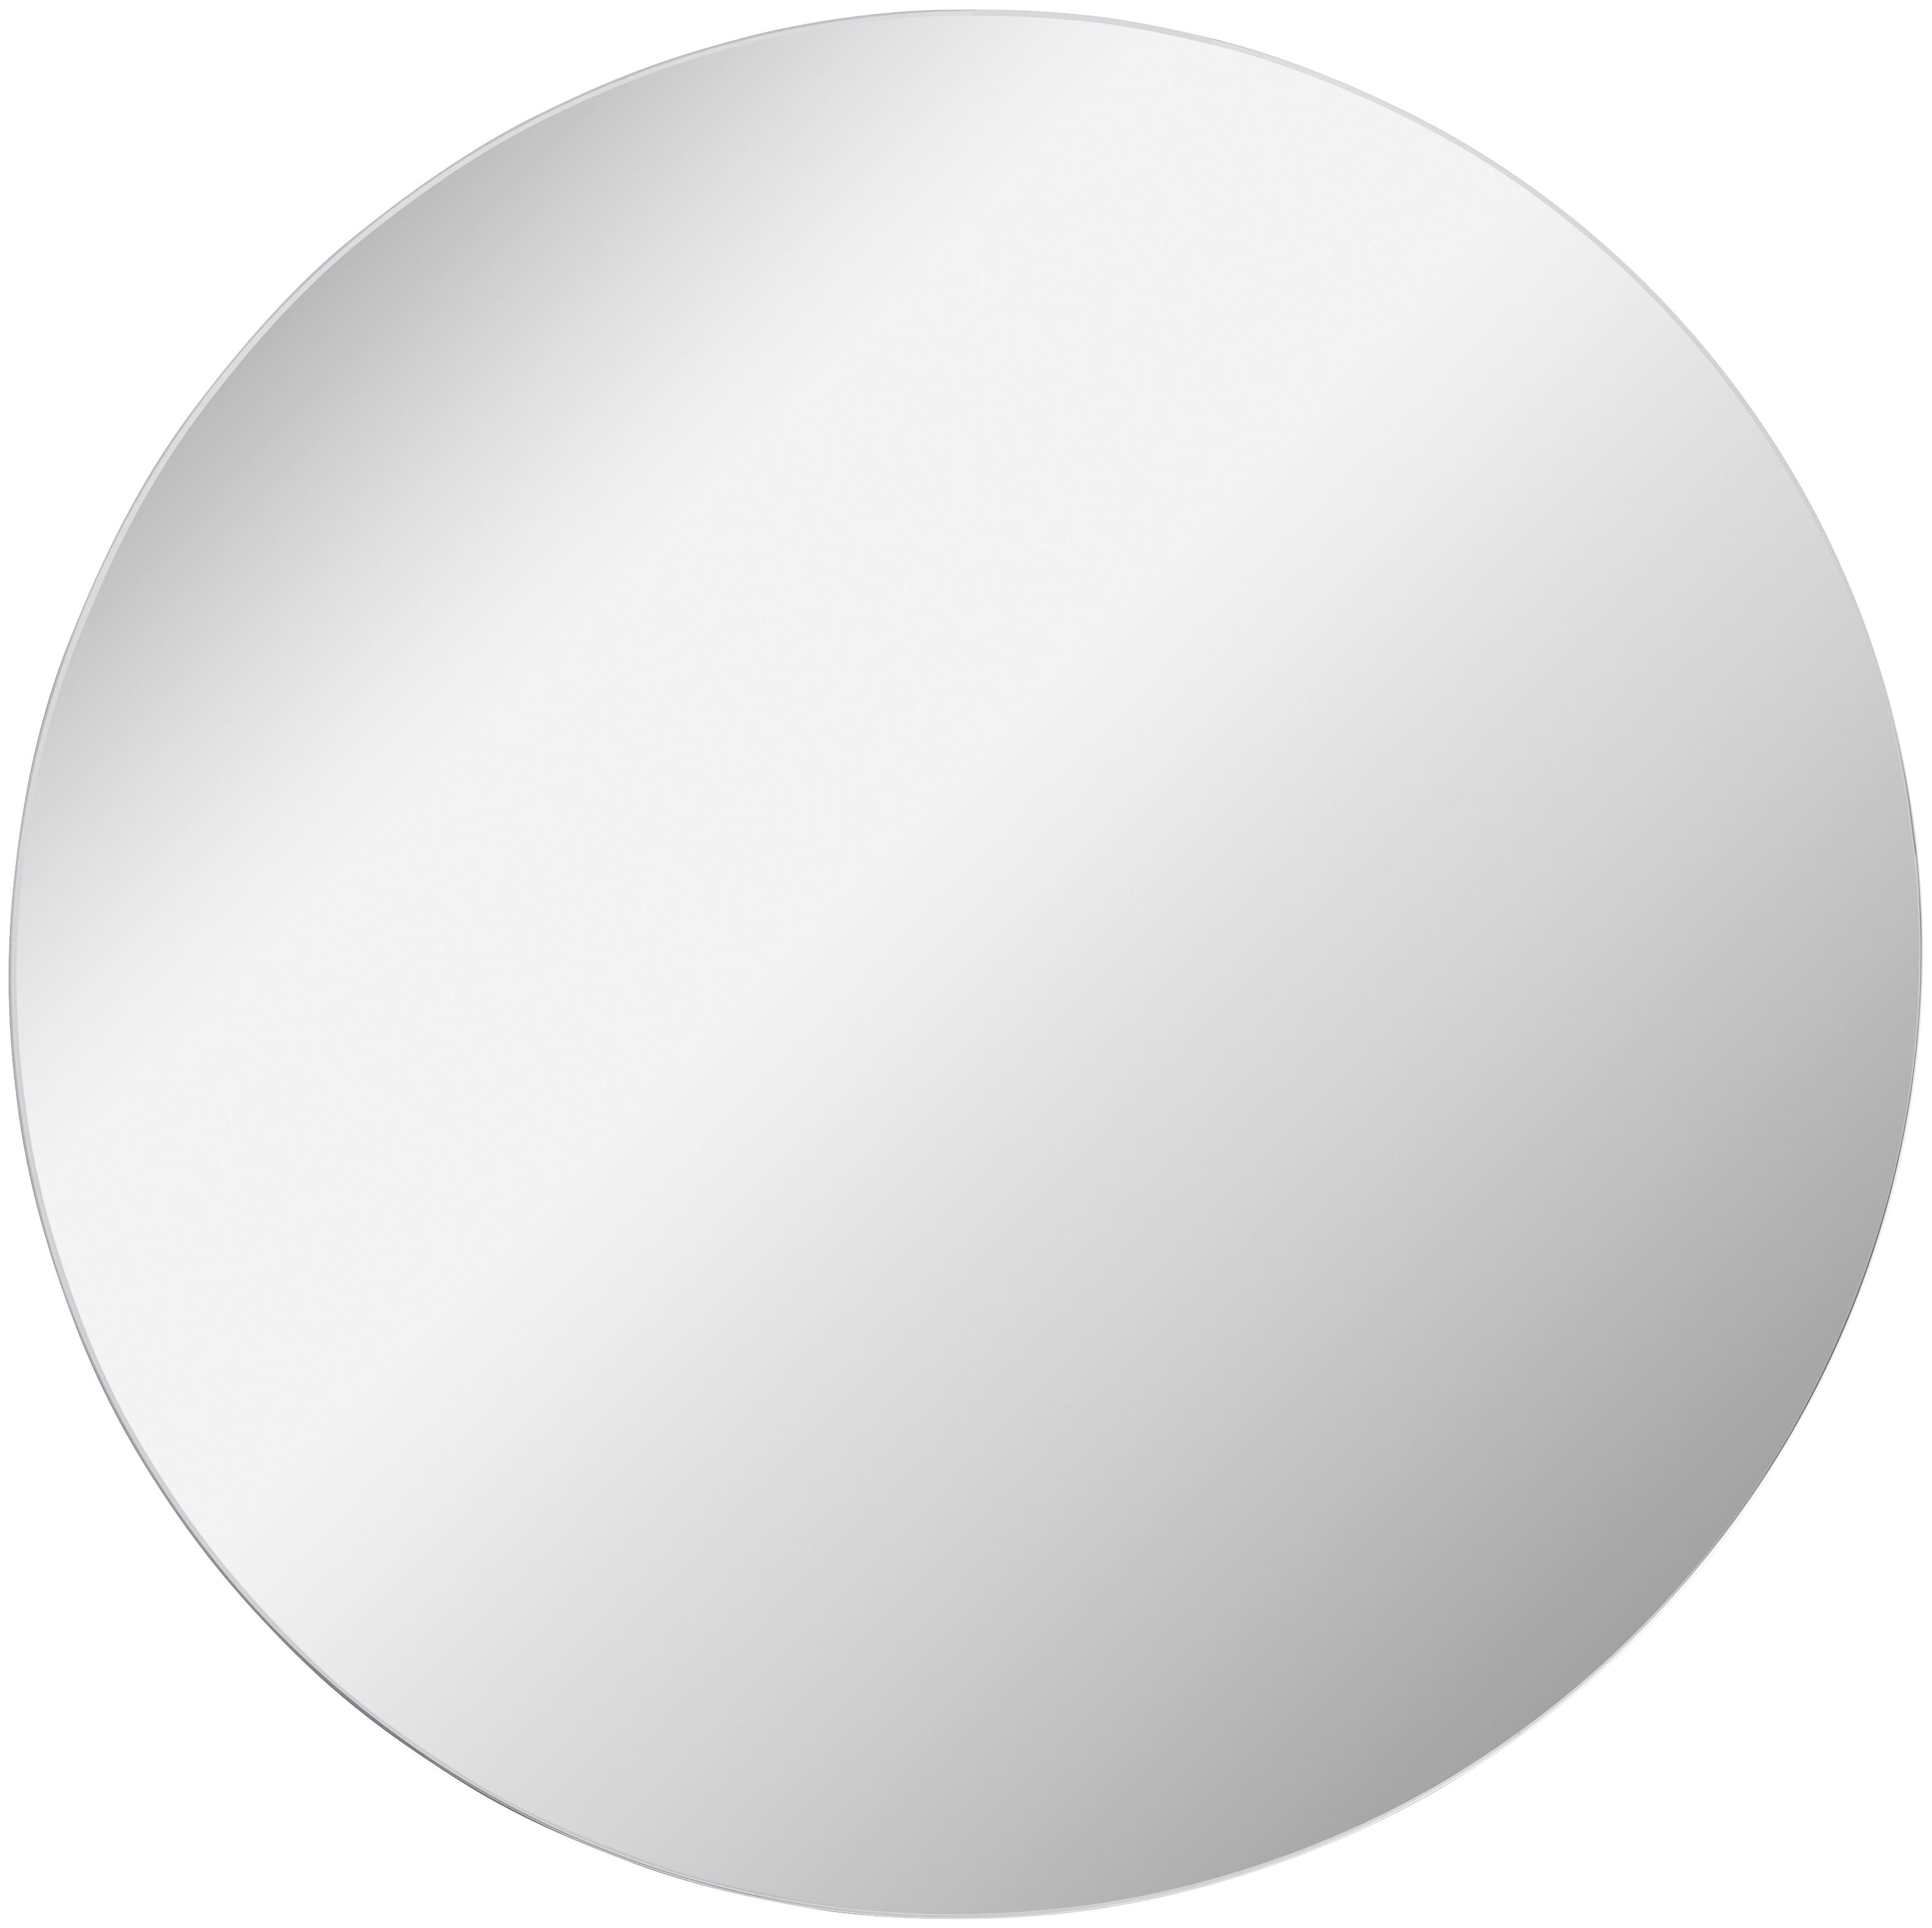 Spiegelelement-Fackelmann-Wohnen-Badspiegel-Runde-Klassische-Spiegelform Indexbild 3